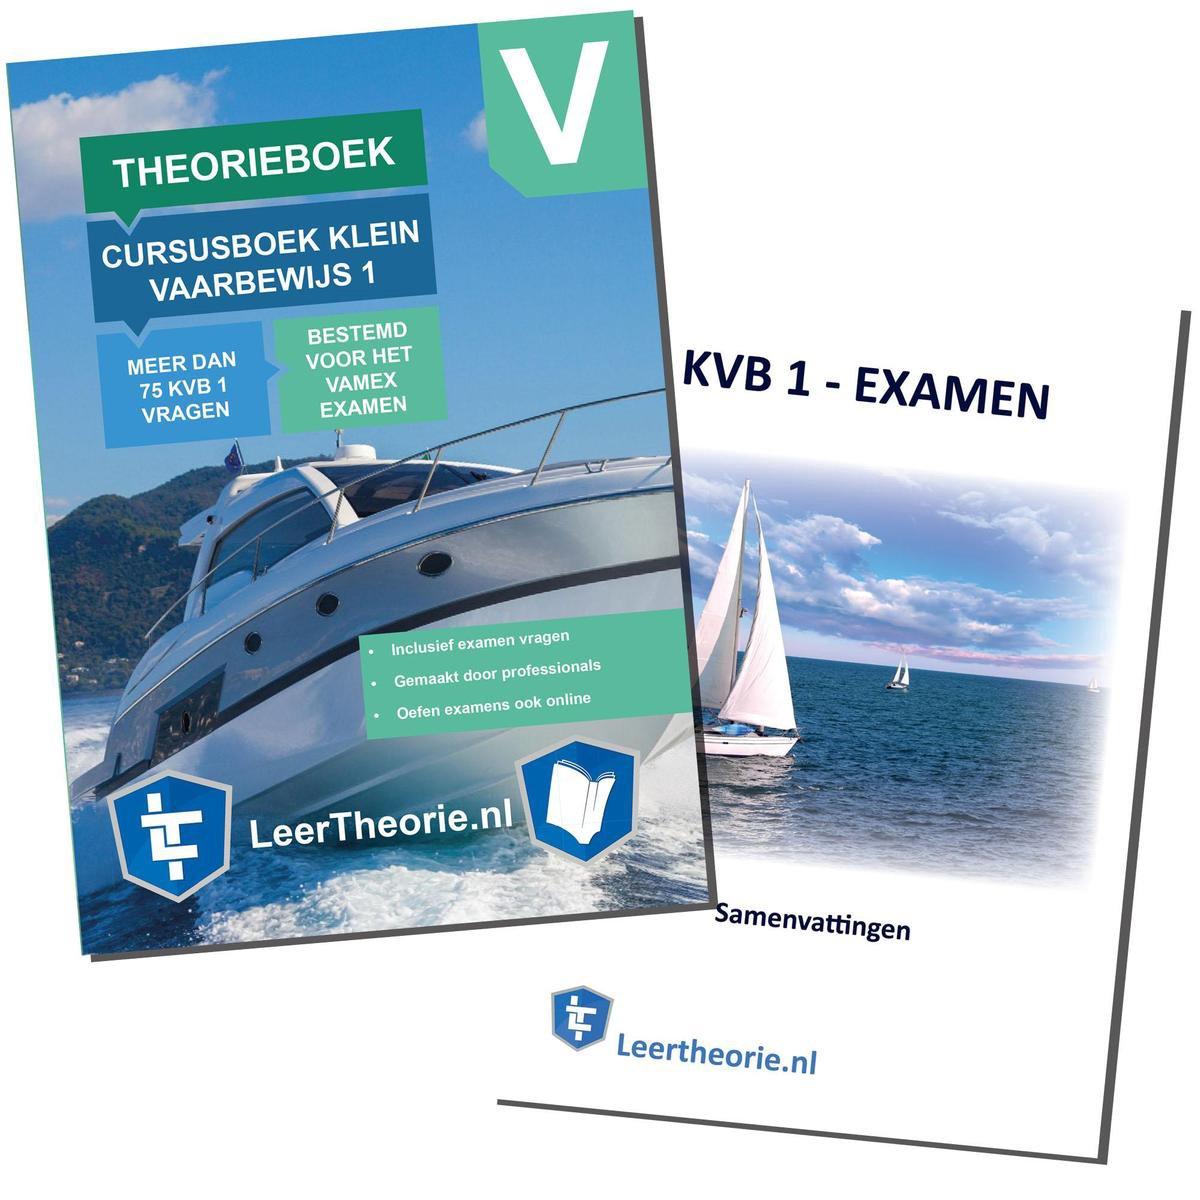 Vaarbewijs Theorieboek 2021 KVB 1 + Vaarbewijs Samenvatting   CBR Vaarbewijs Theorie Leren